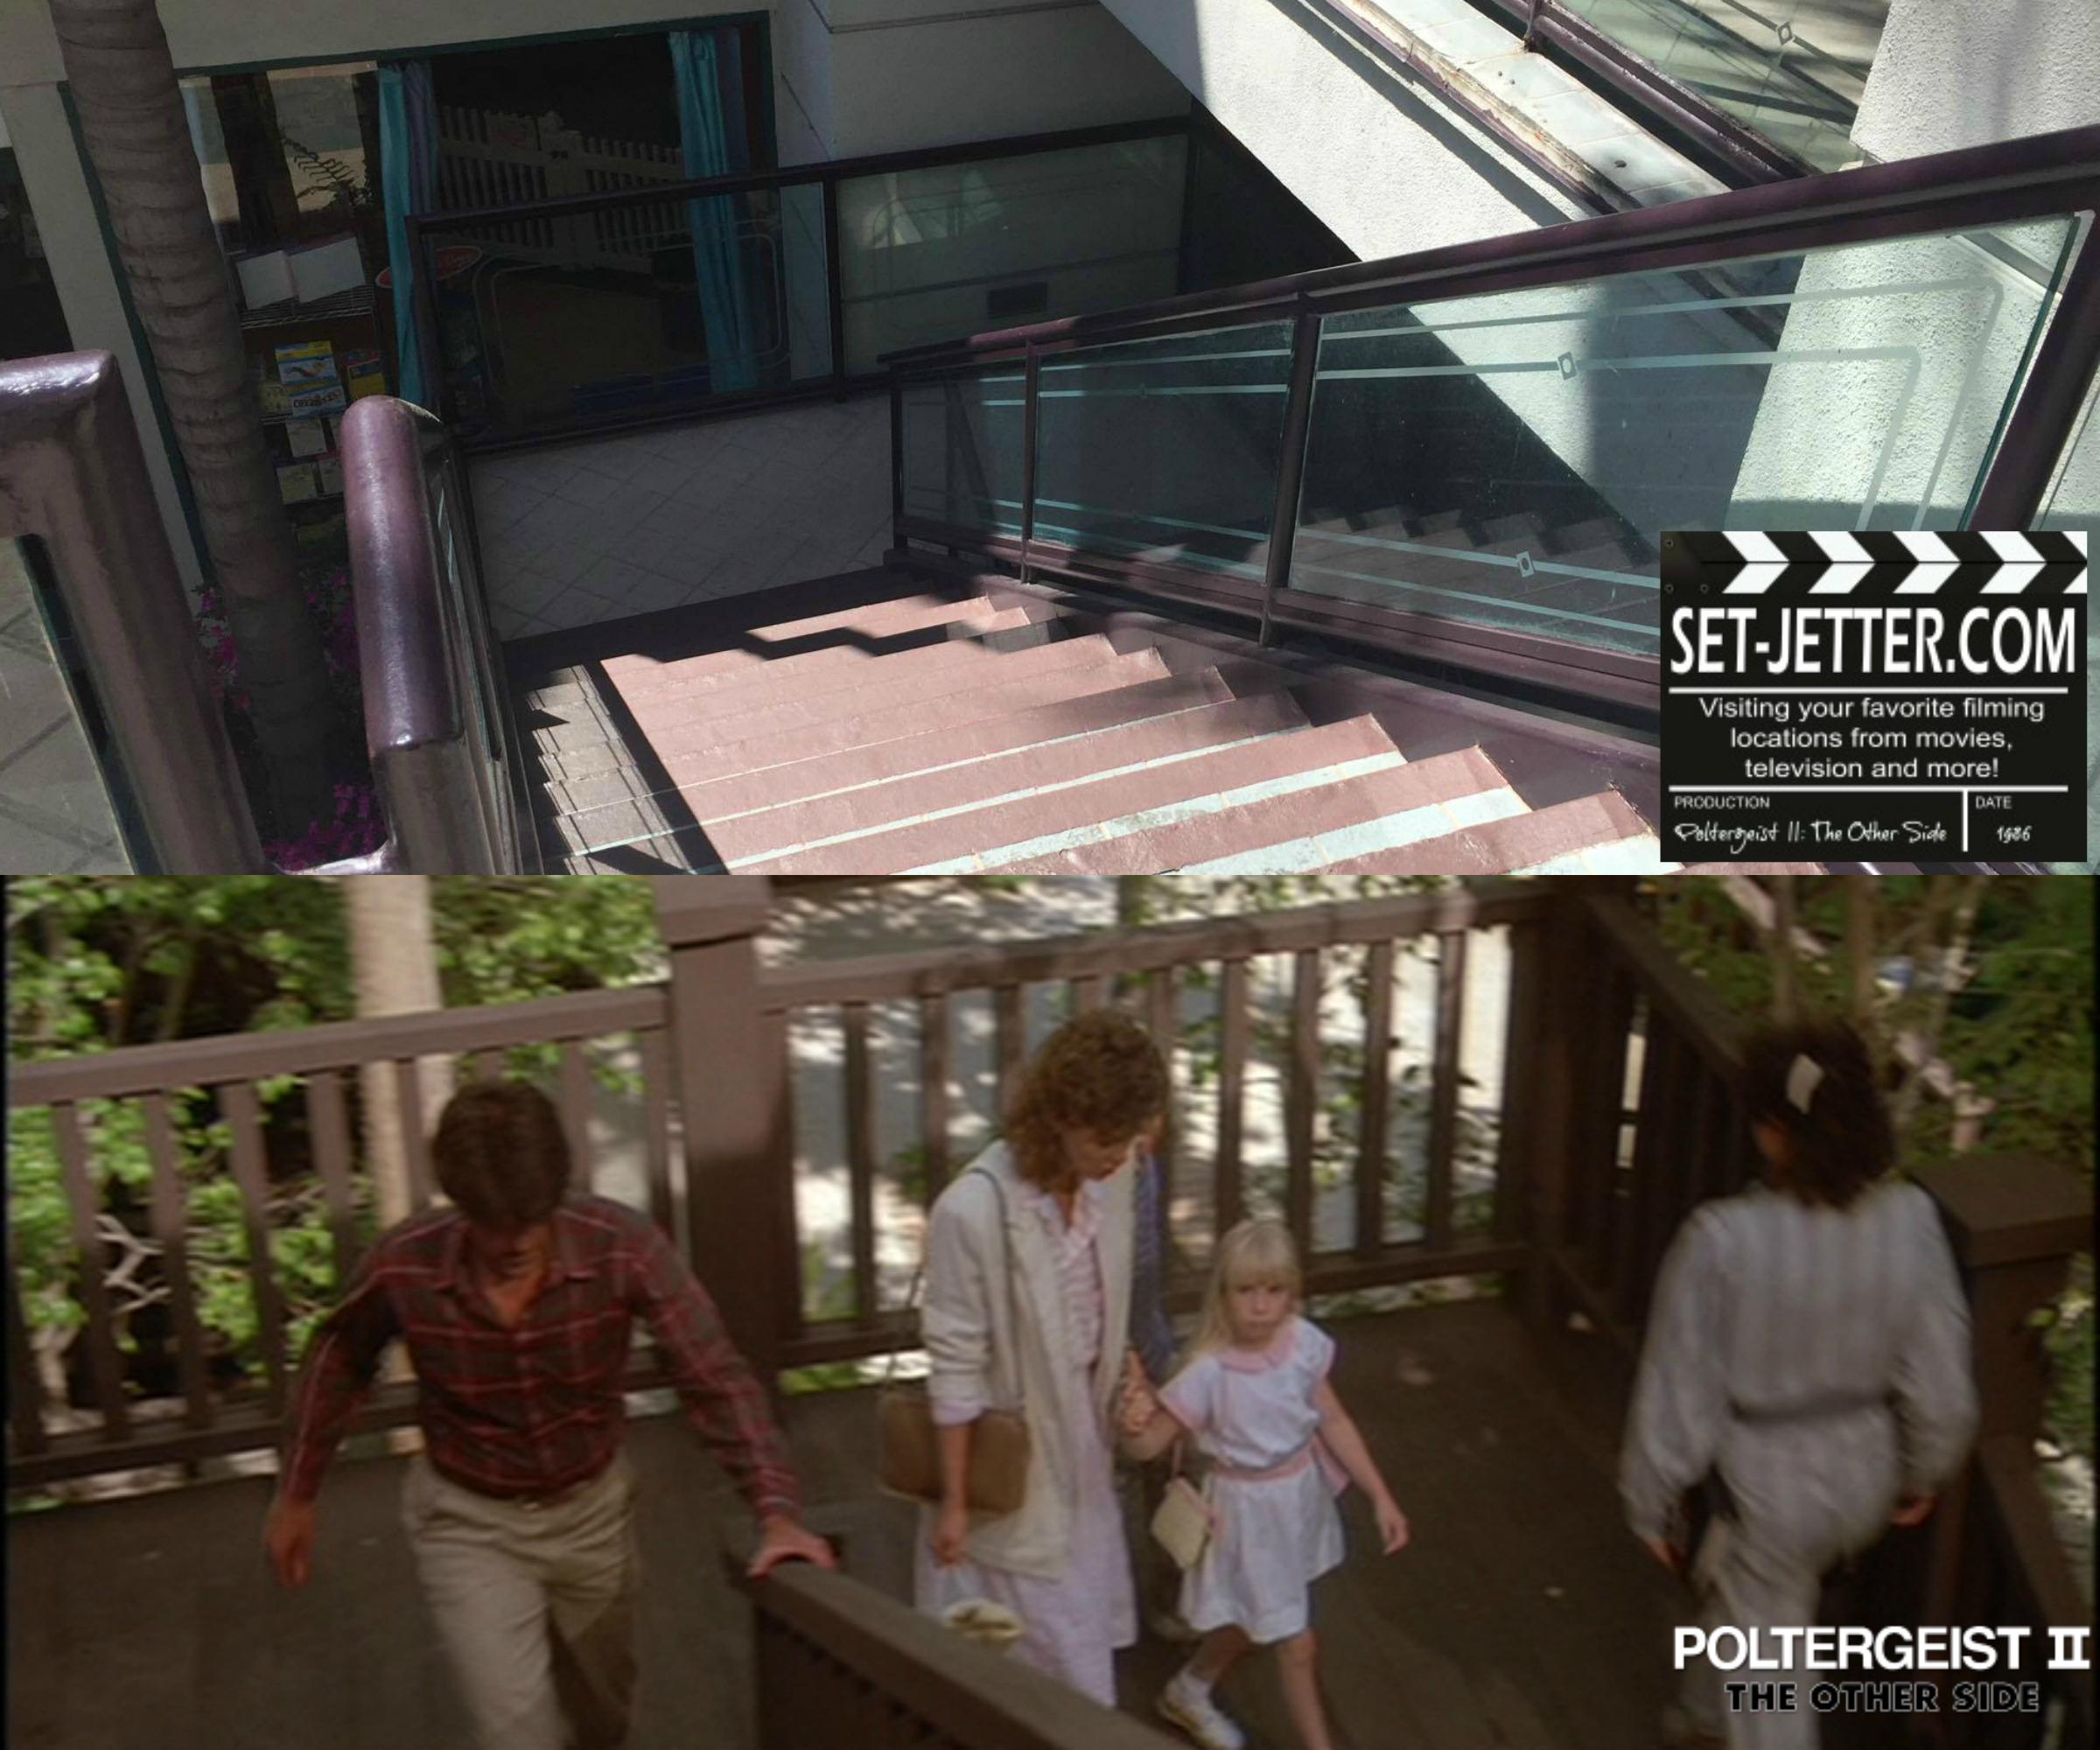 Poltergeist II mall 03.jpg